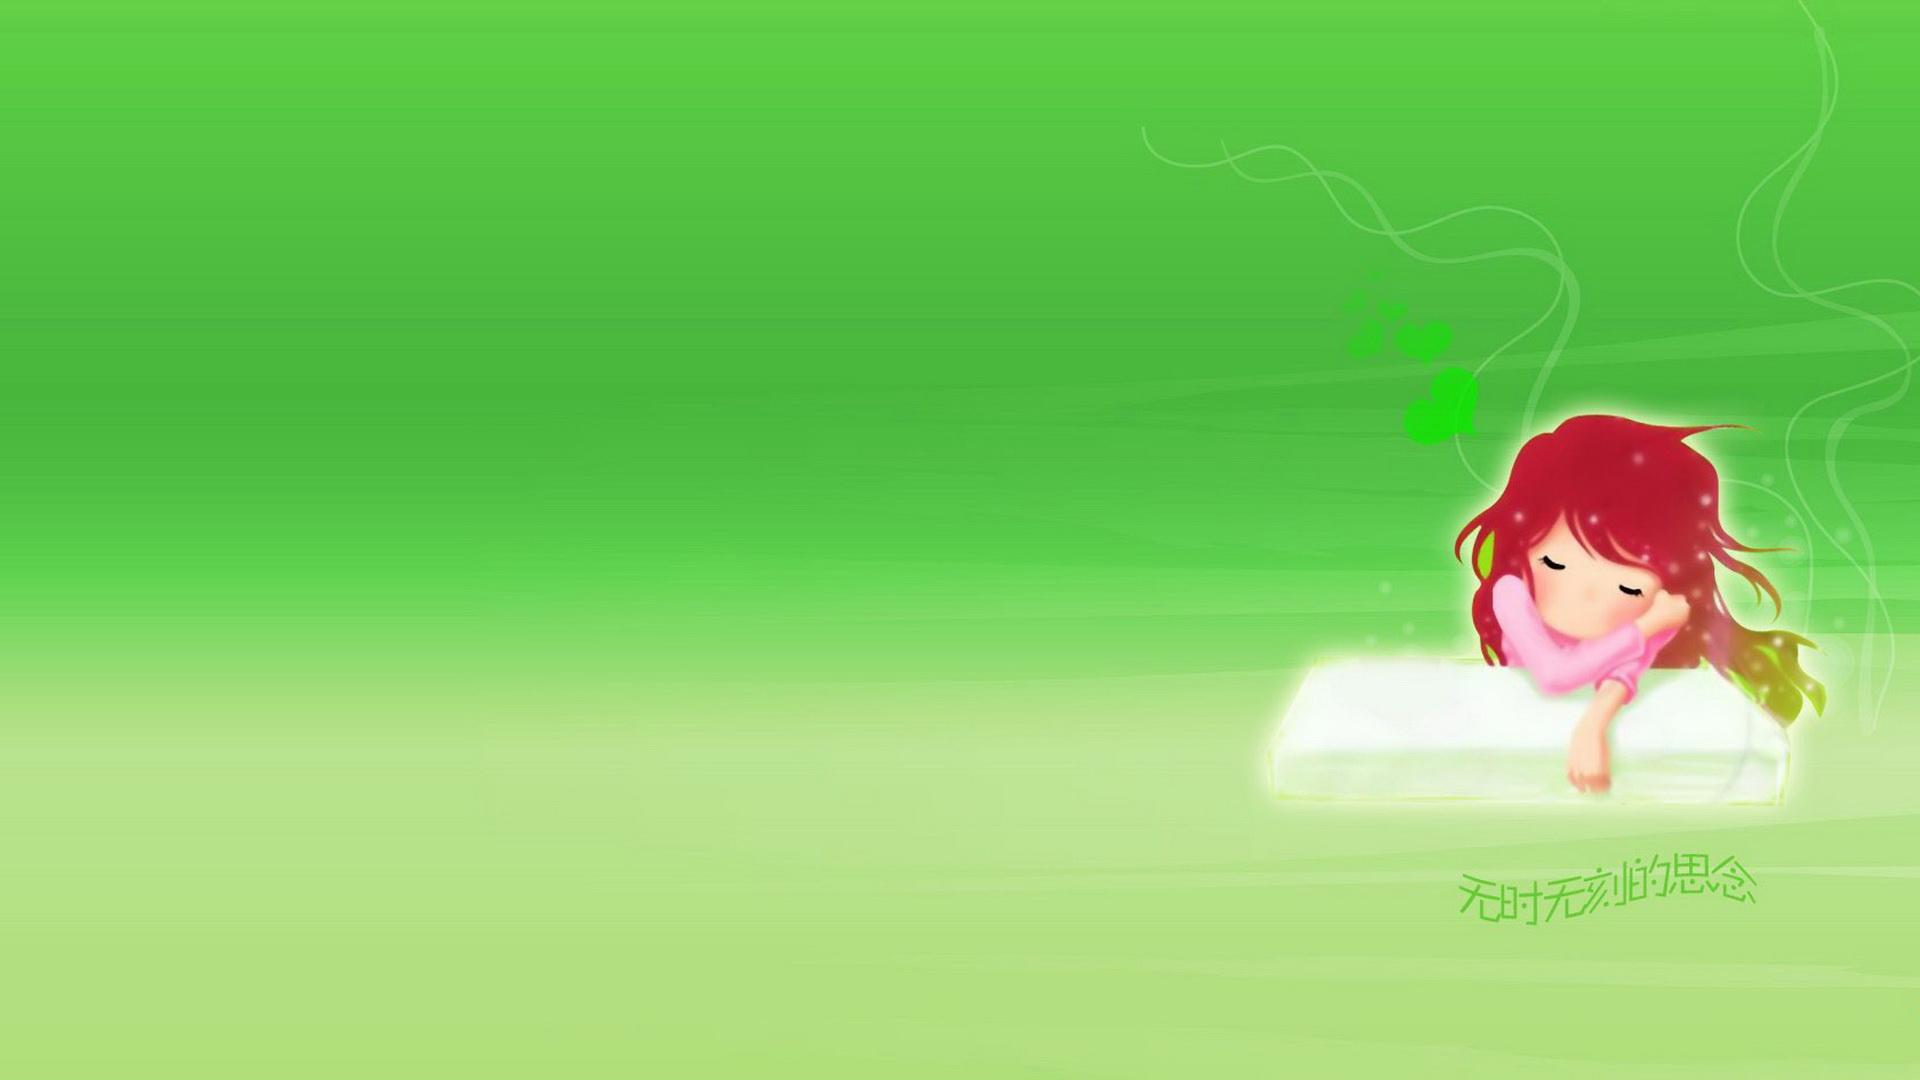 超宽屏清爽简洁桌面 1920x1080 壁纸 桌面壁纸 www.deskcar.com 专